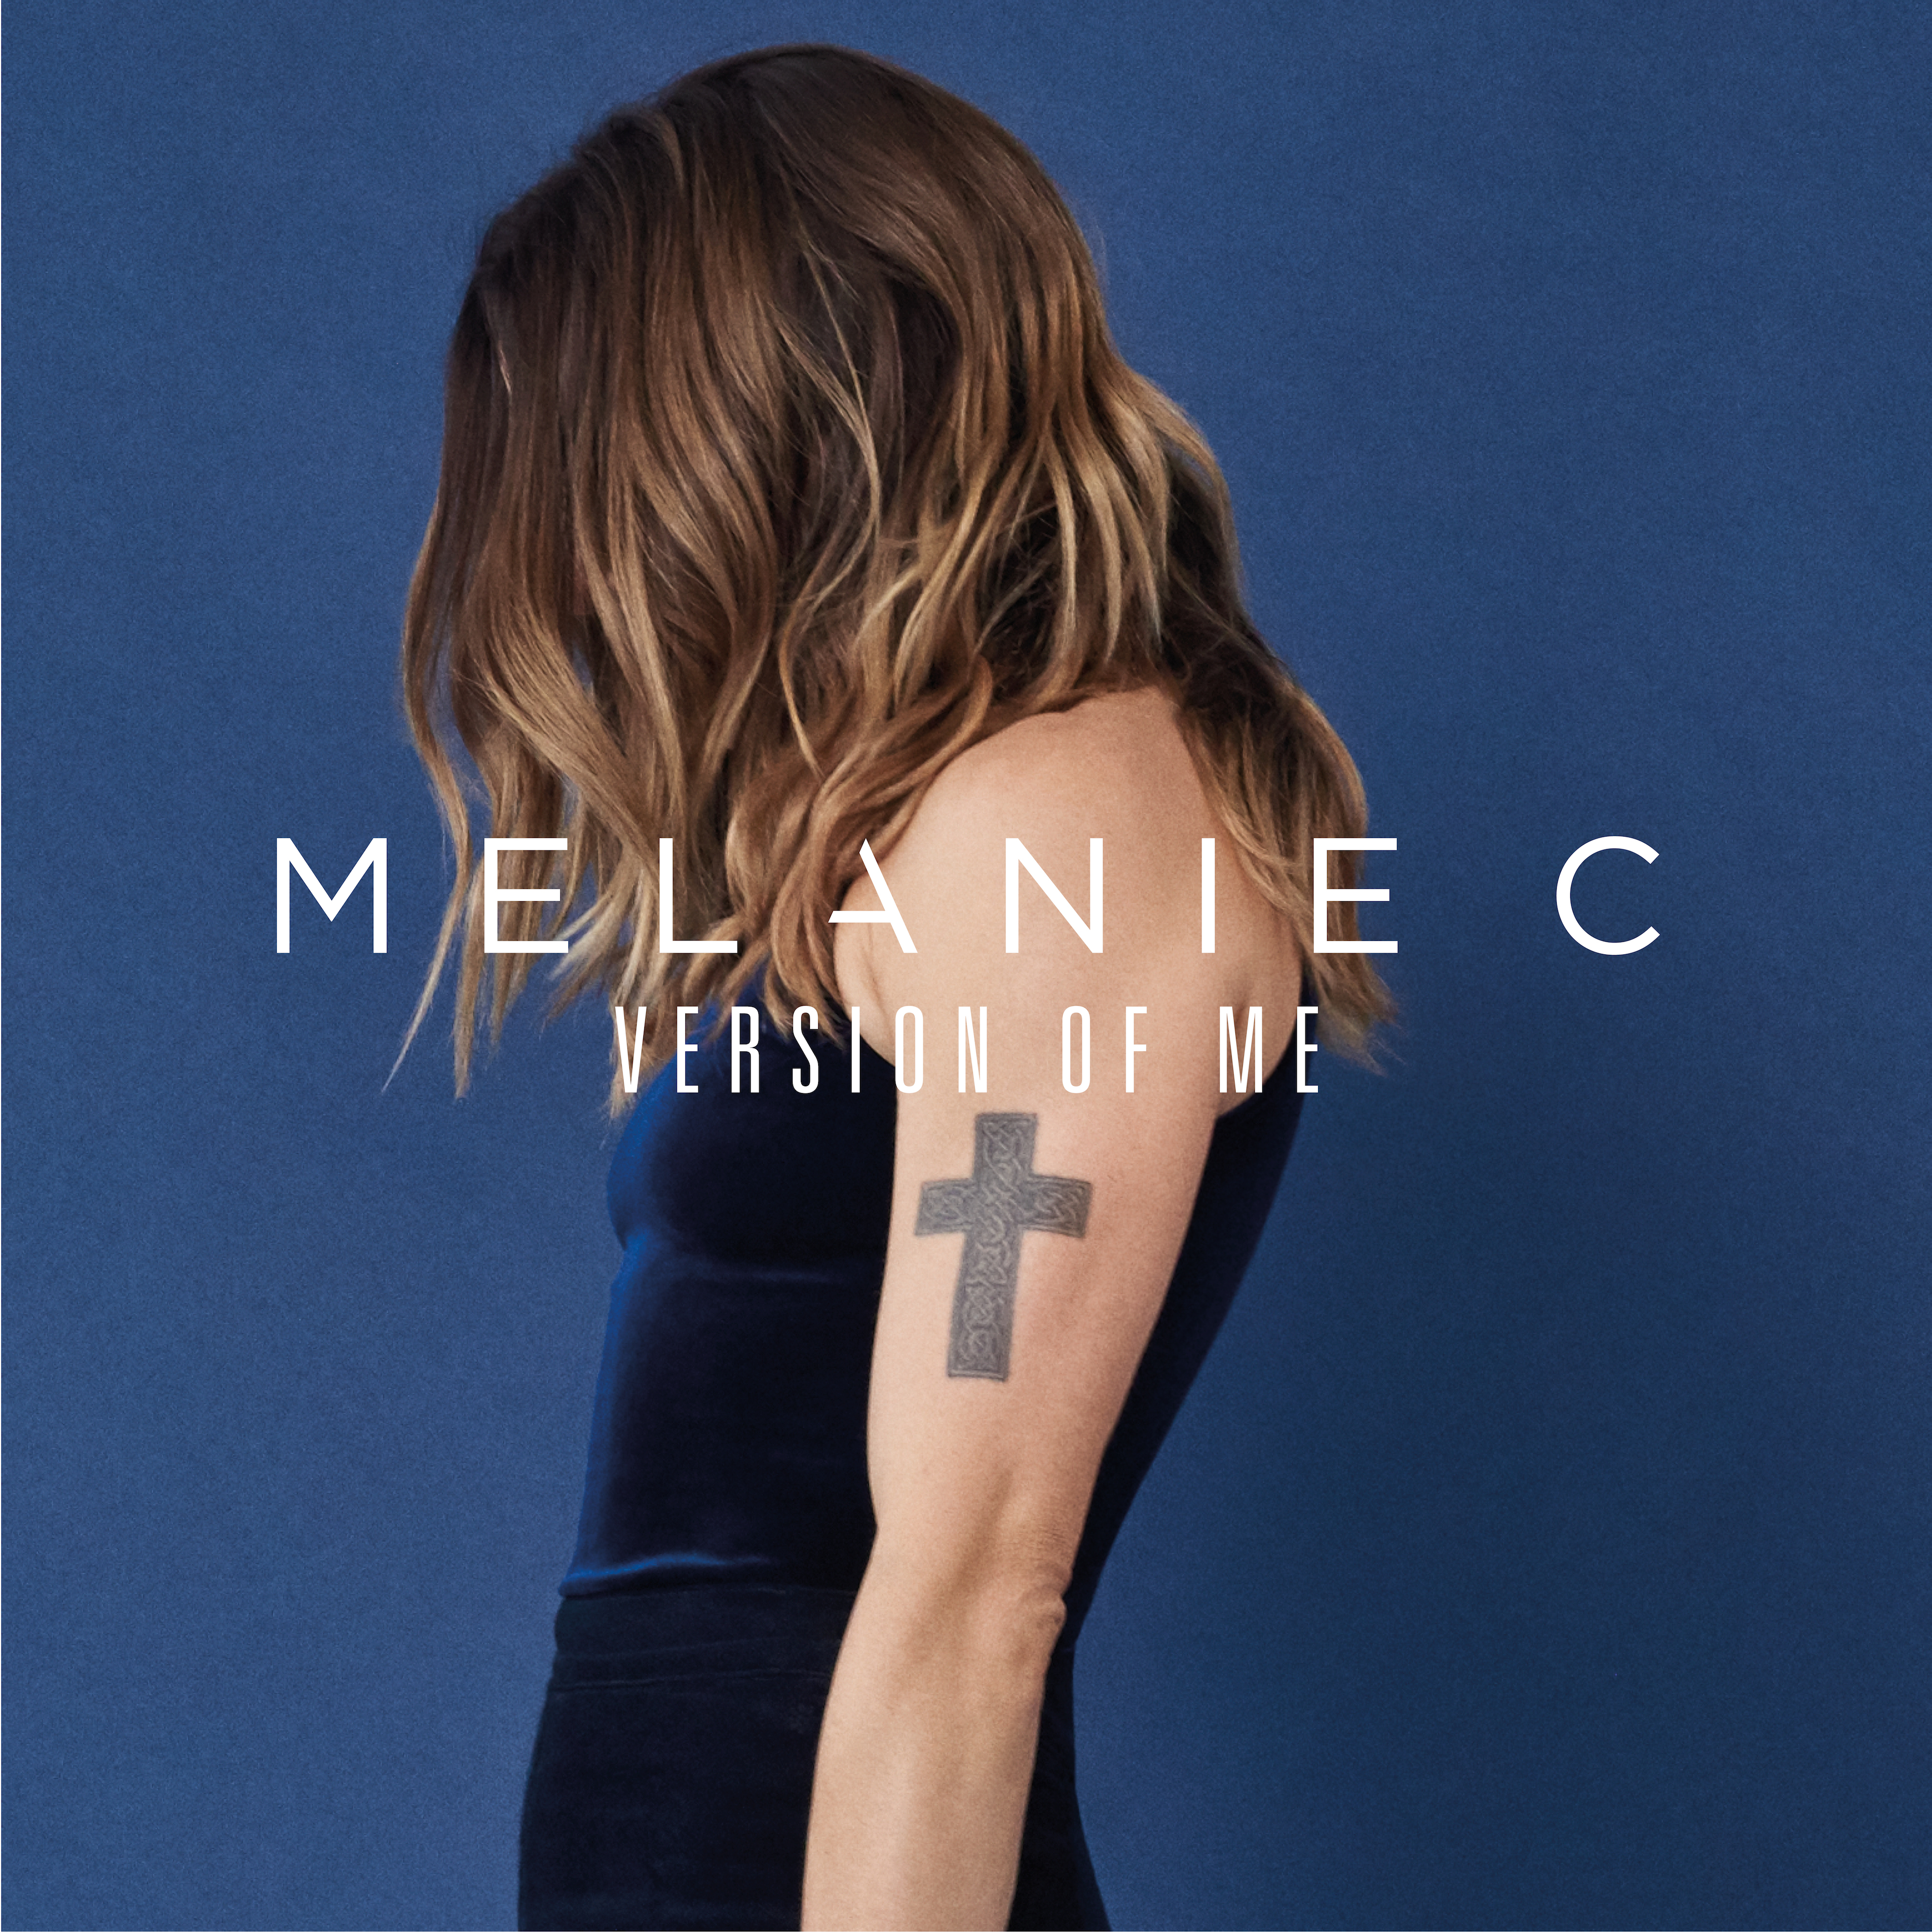 Version of Me (CD) - Melanie C